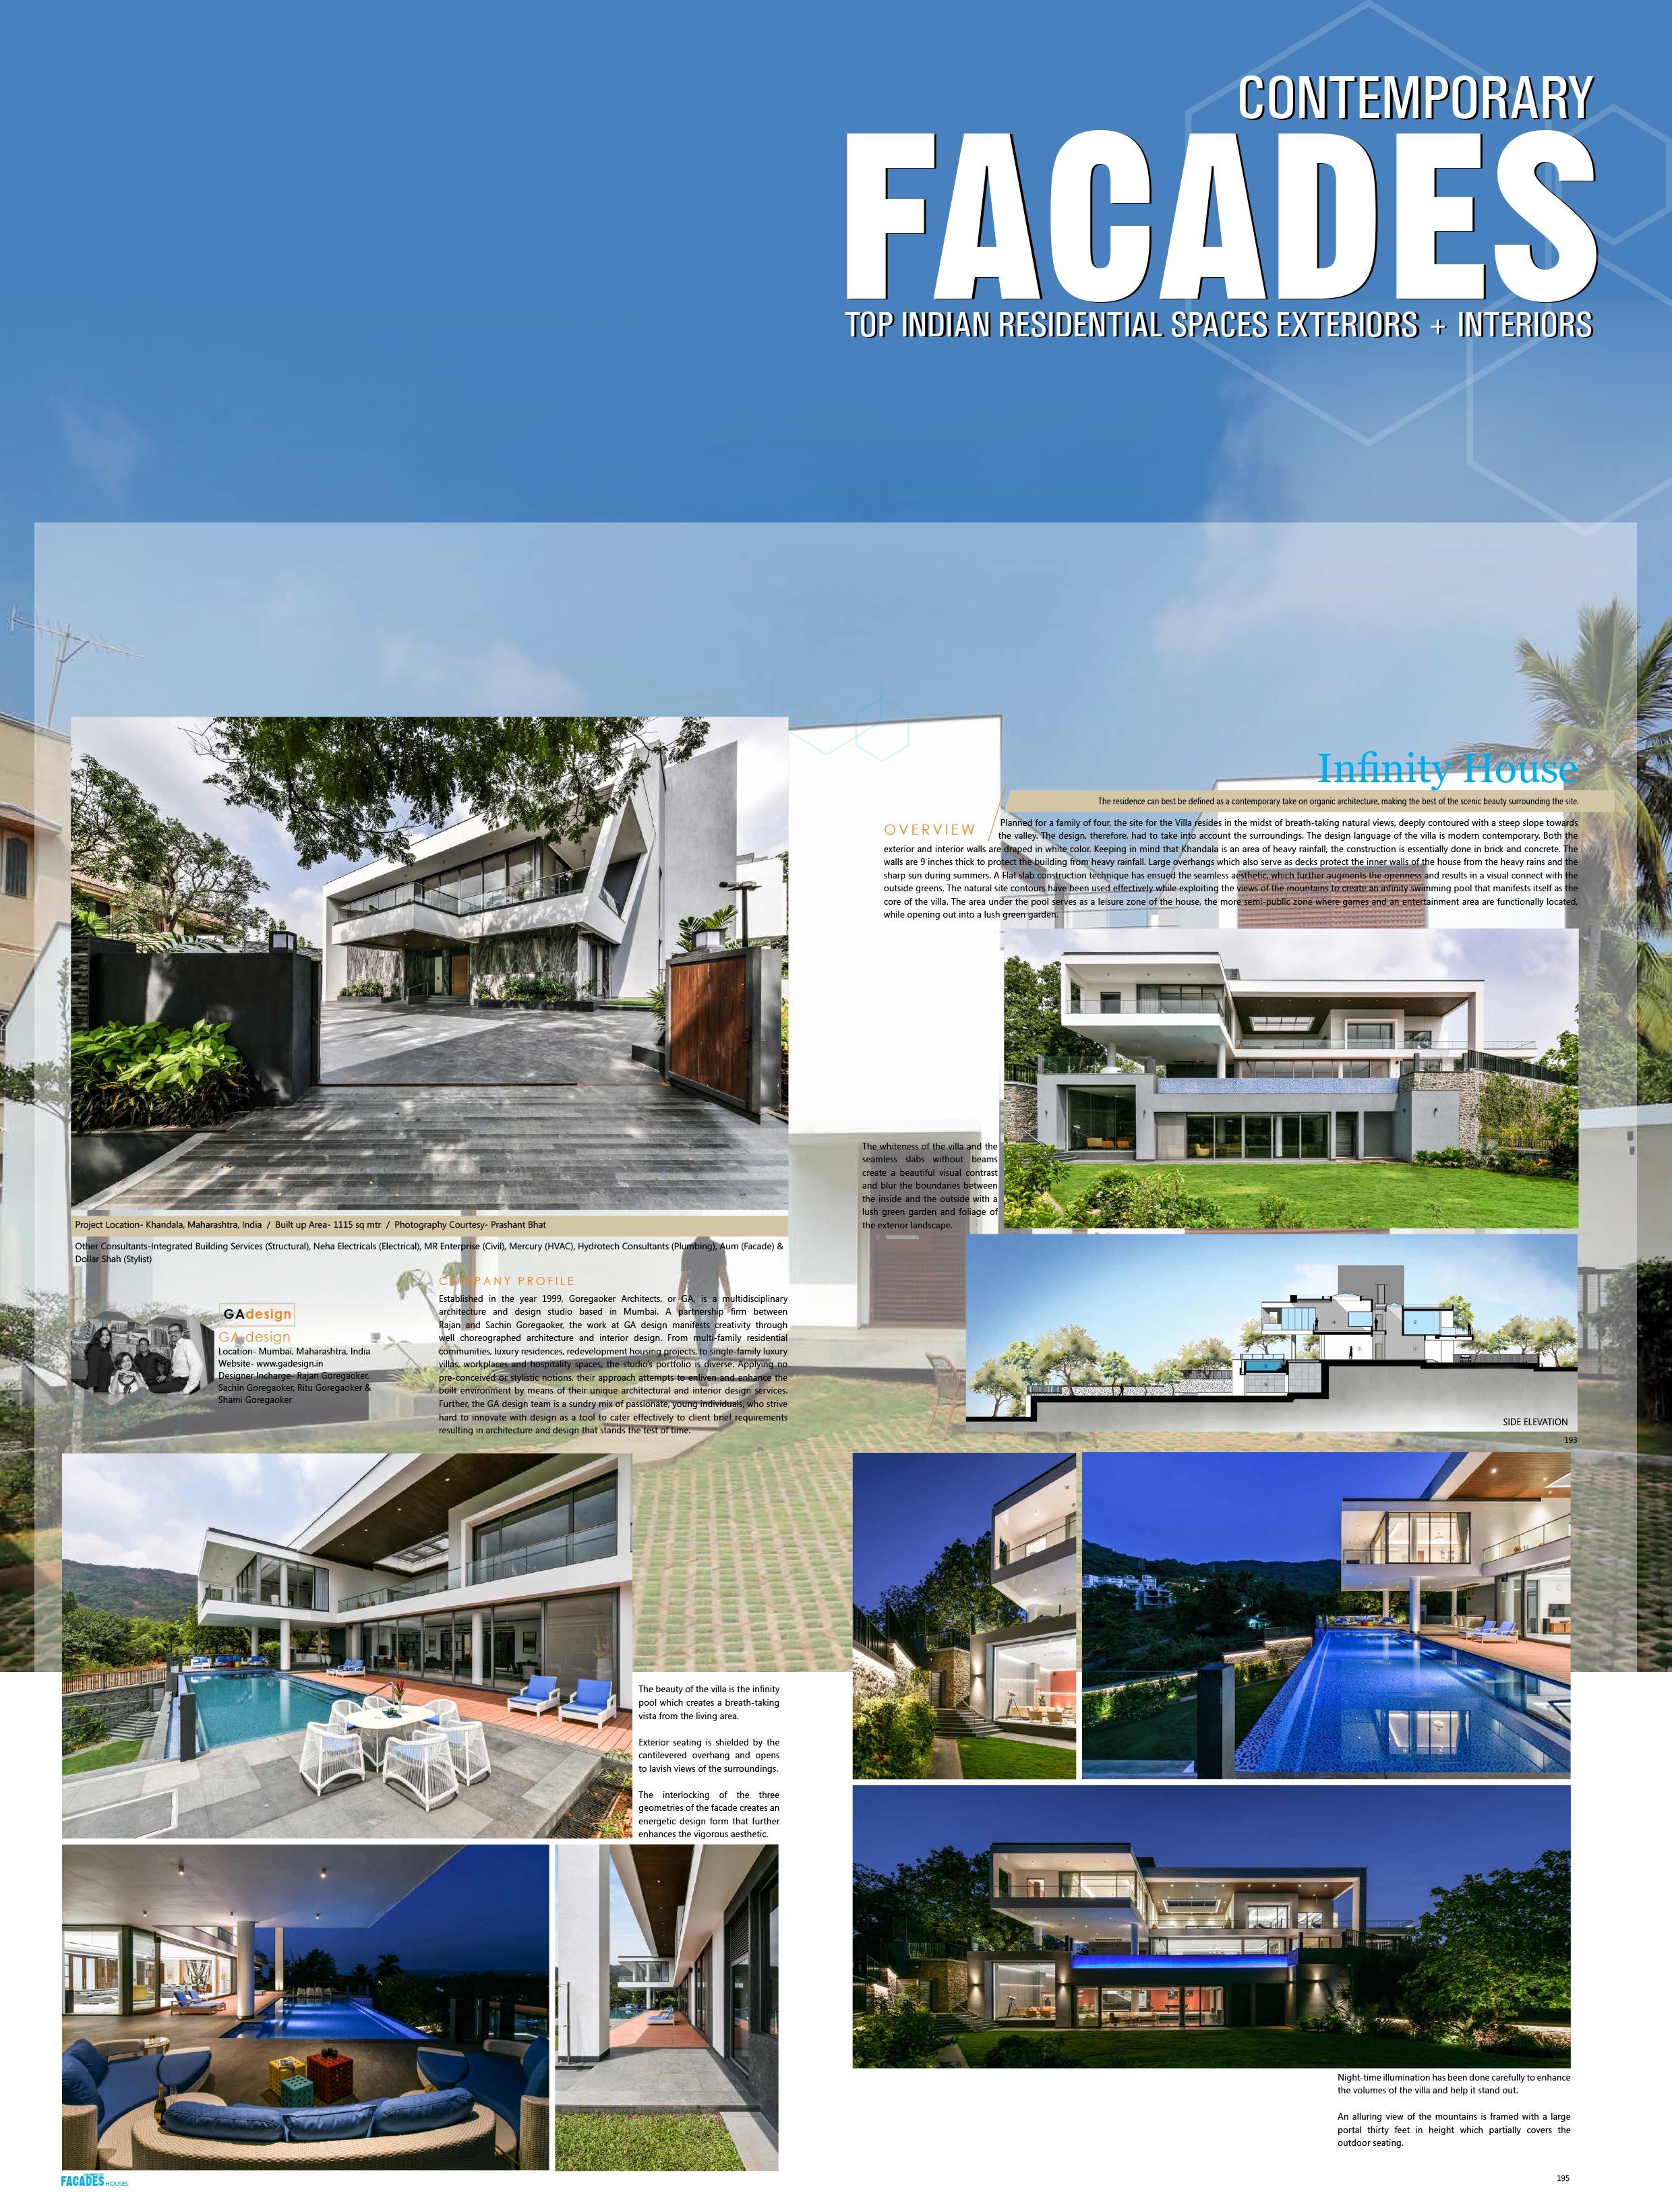 facades-book